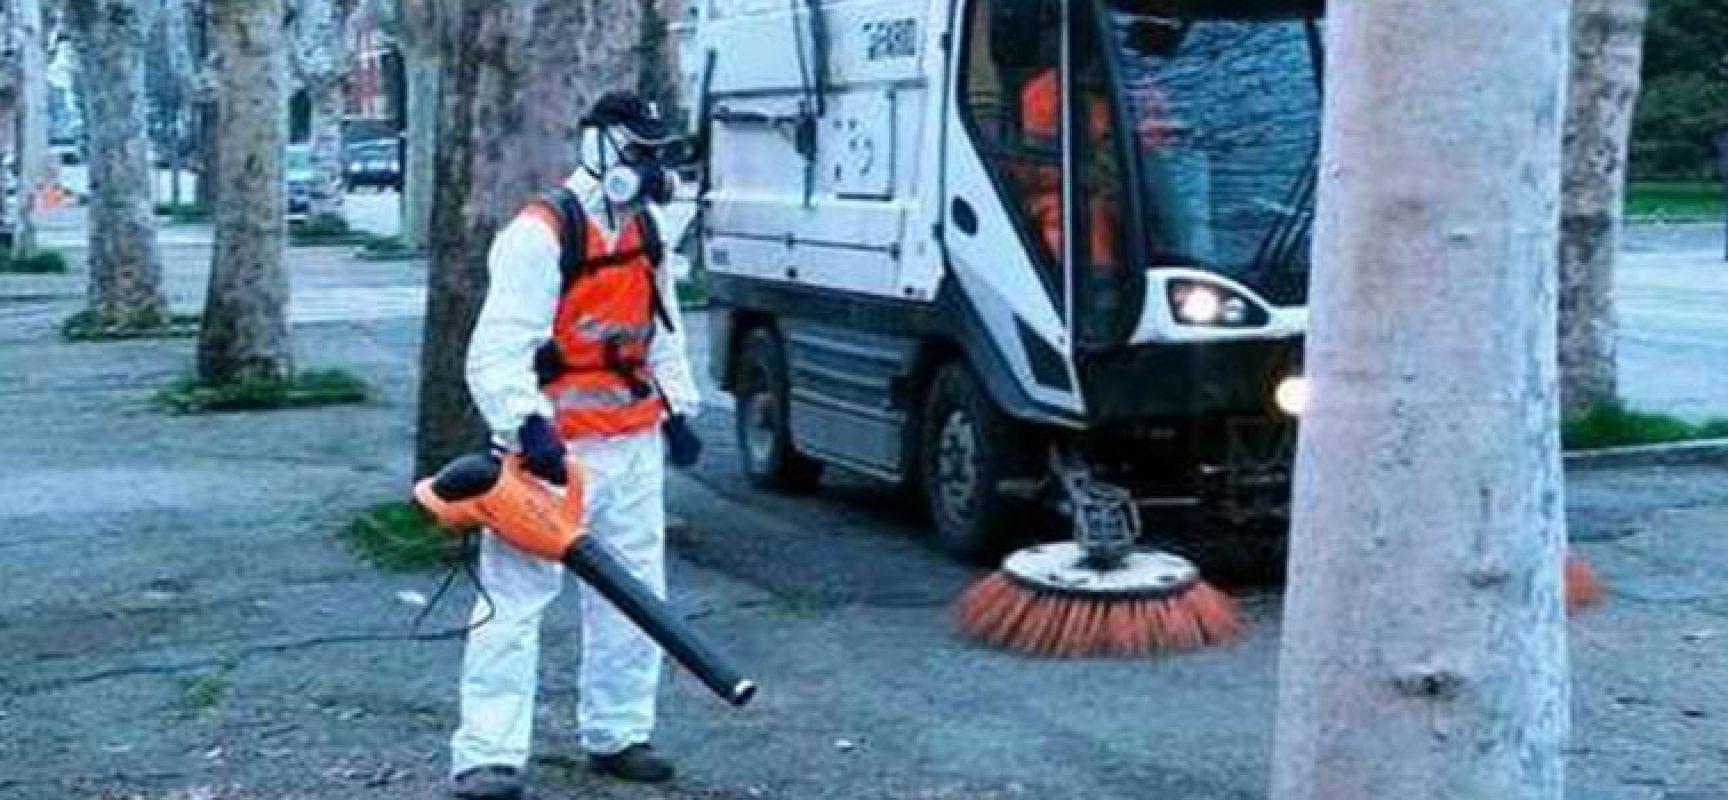 Questa notte nuova operazione di pulizia straordinaria / DOVE non parcheggiare